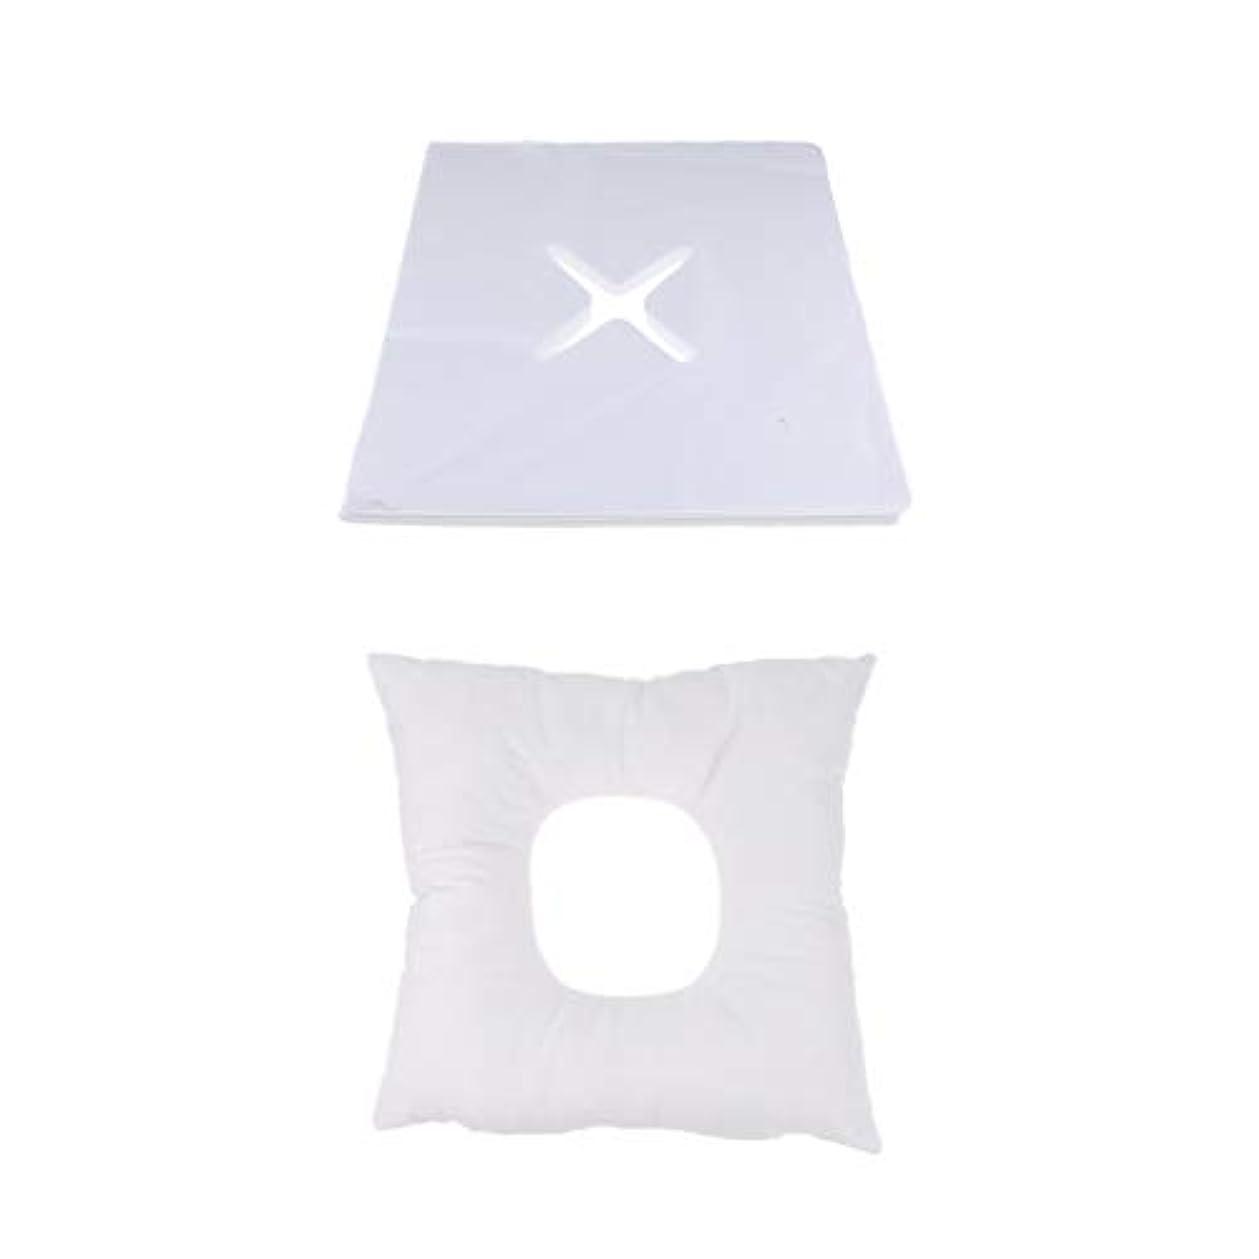 D DOLITY マッサージ枕 顔枕 フェイスマット 200個使い捨てカバー付き 柔らかく快適